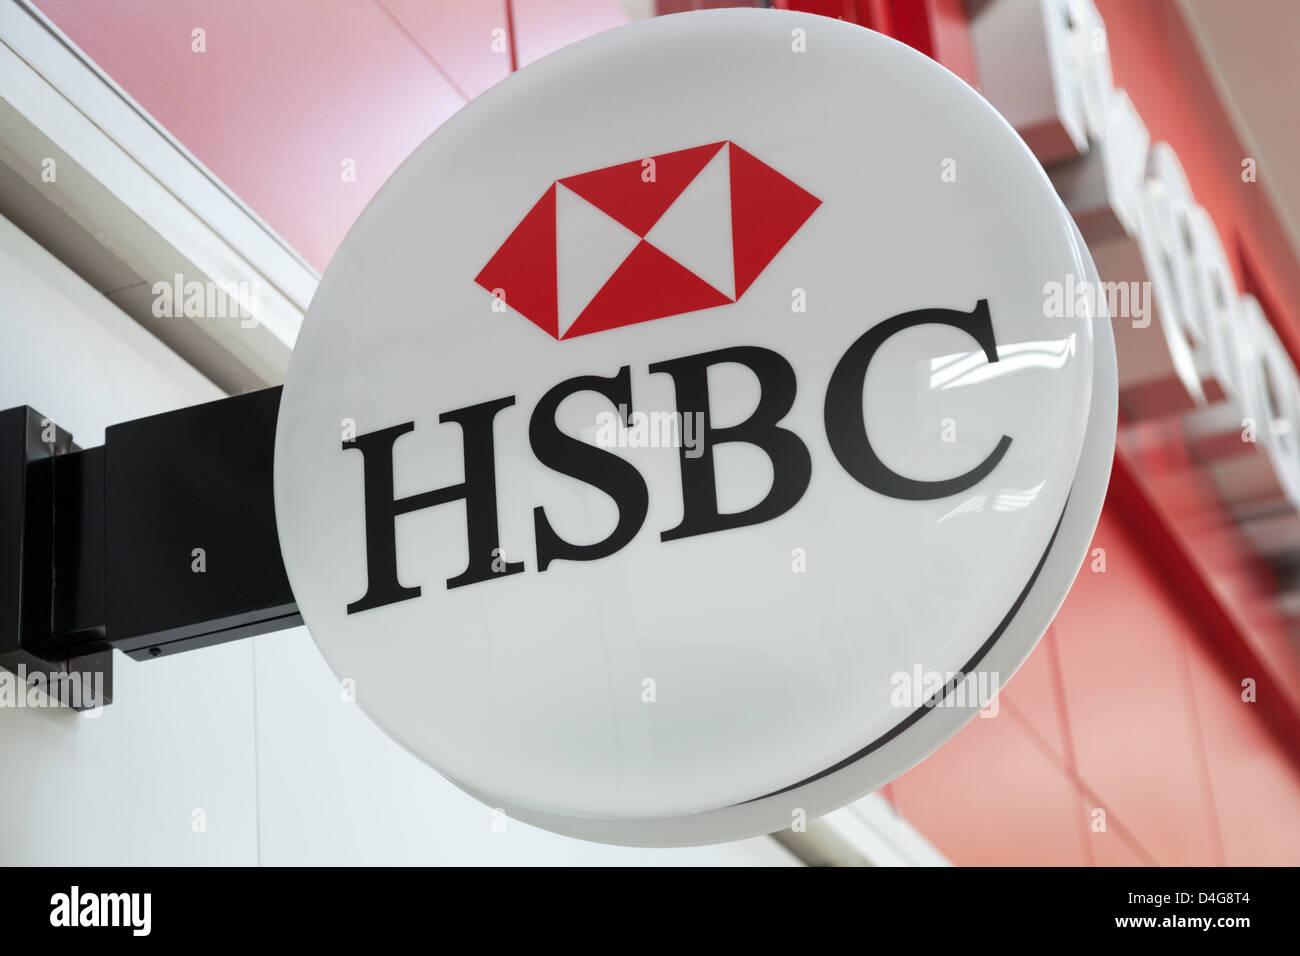 Eine Gesamtansicht des Logos außerhalb einer HSBC (Hong Kong Shanghai Banking Corporation) Niederlassung in Stockbild